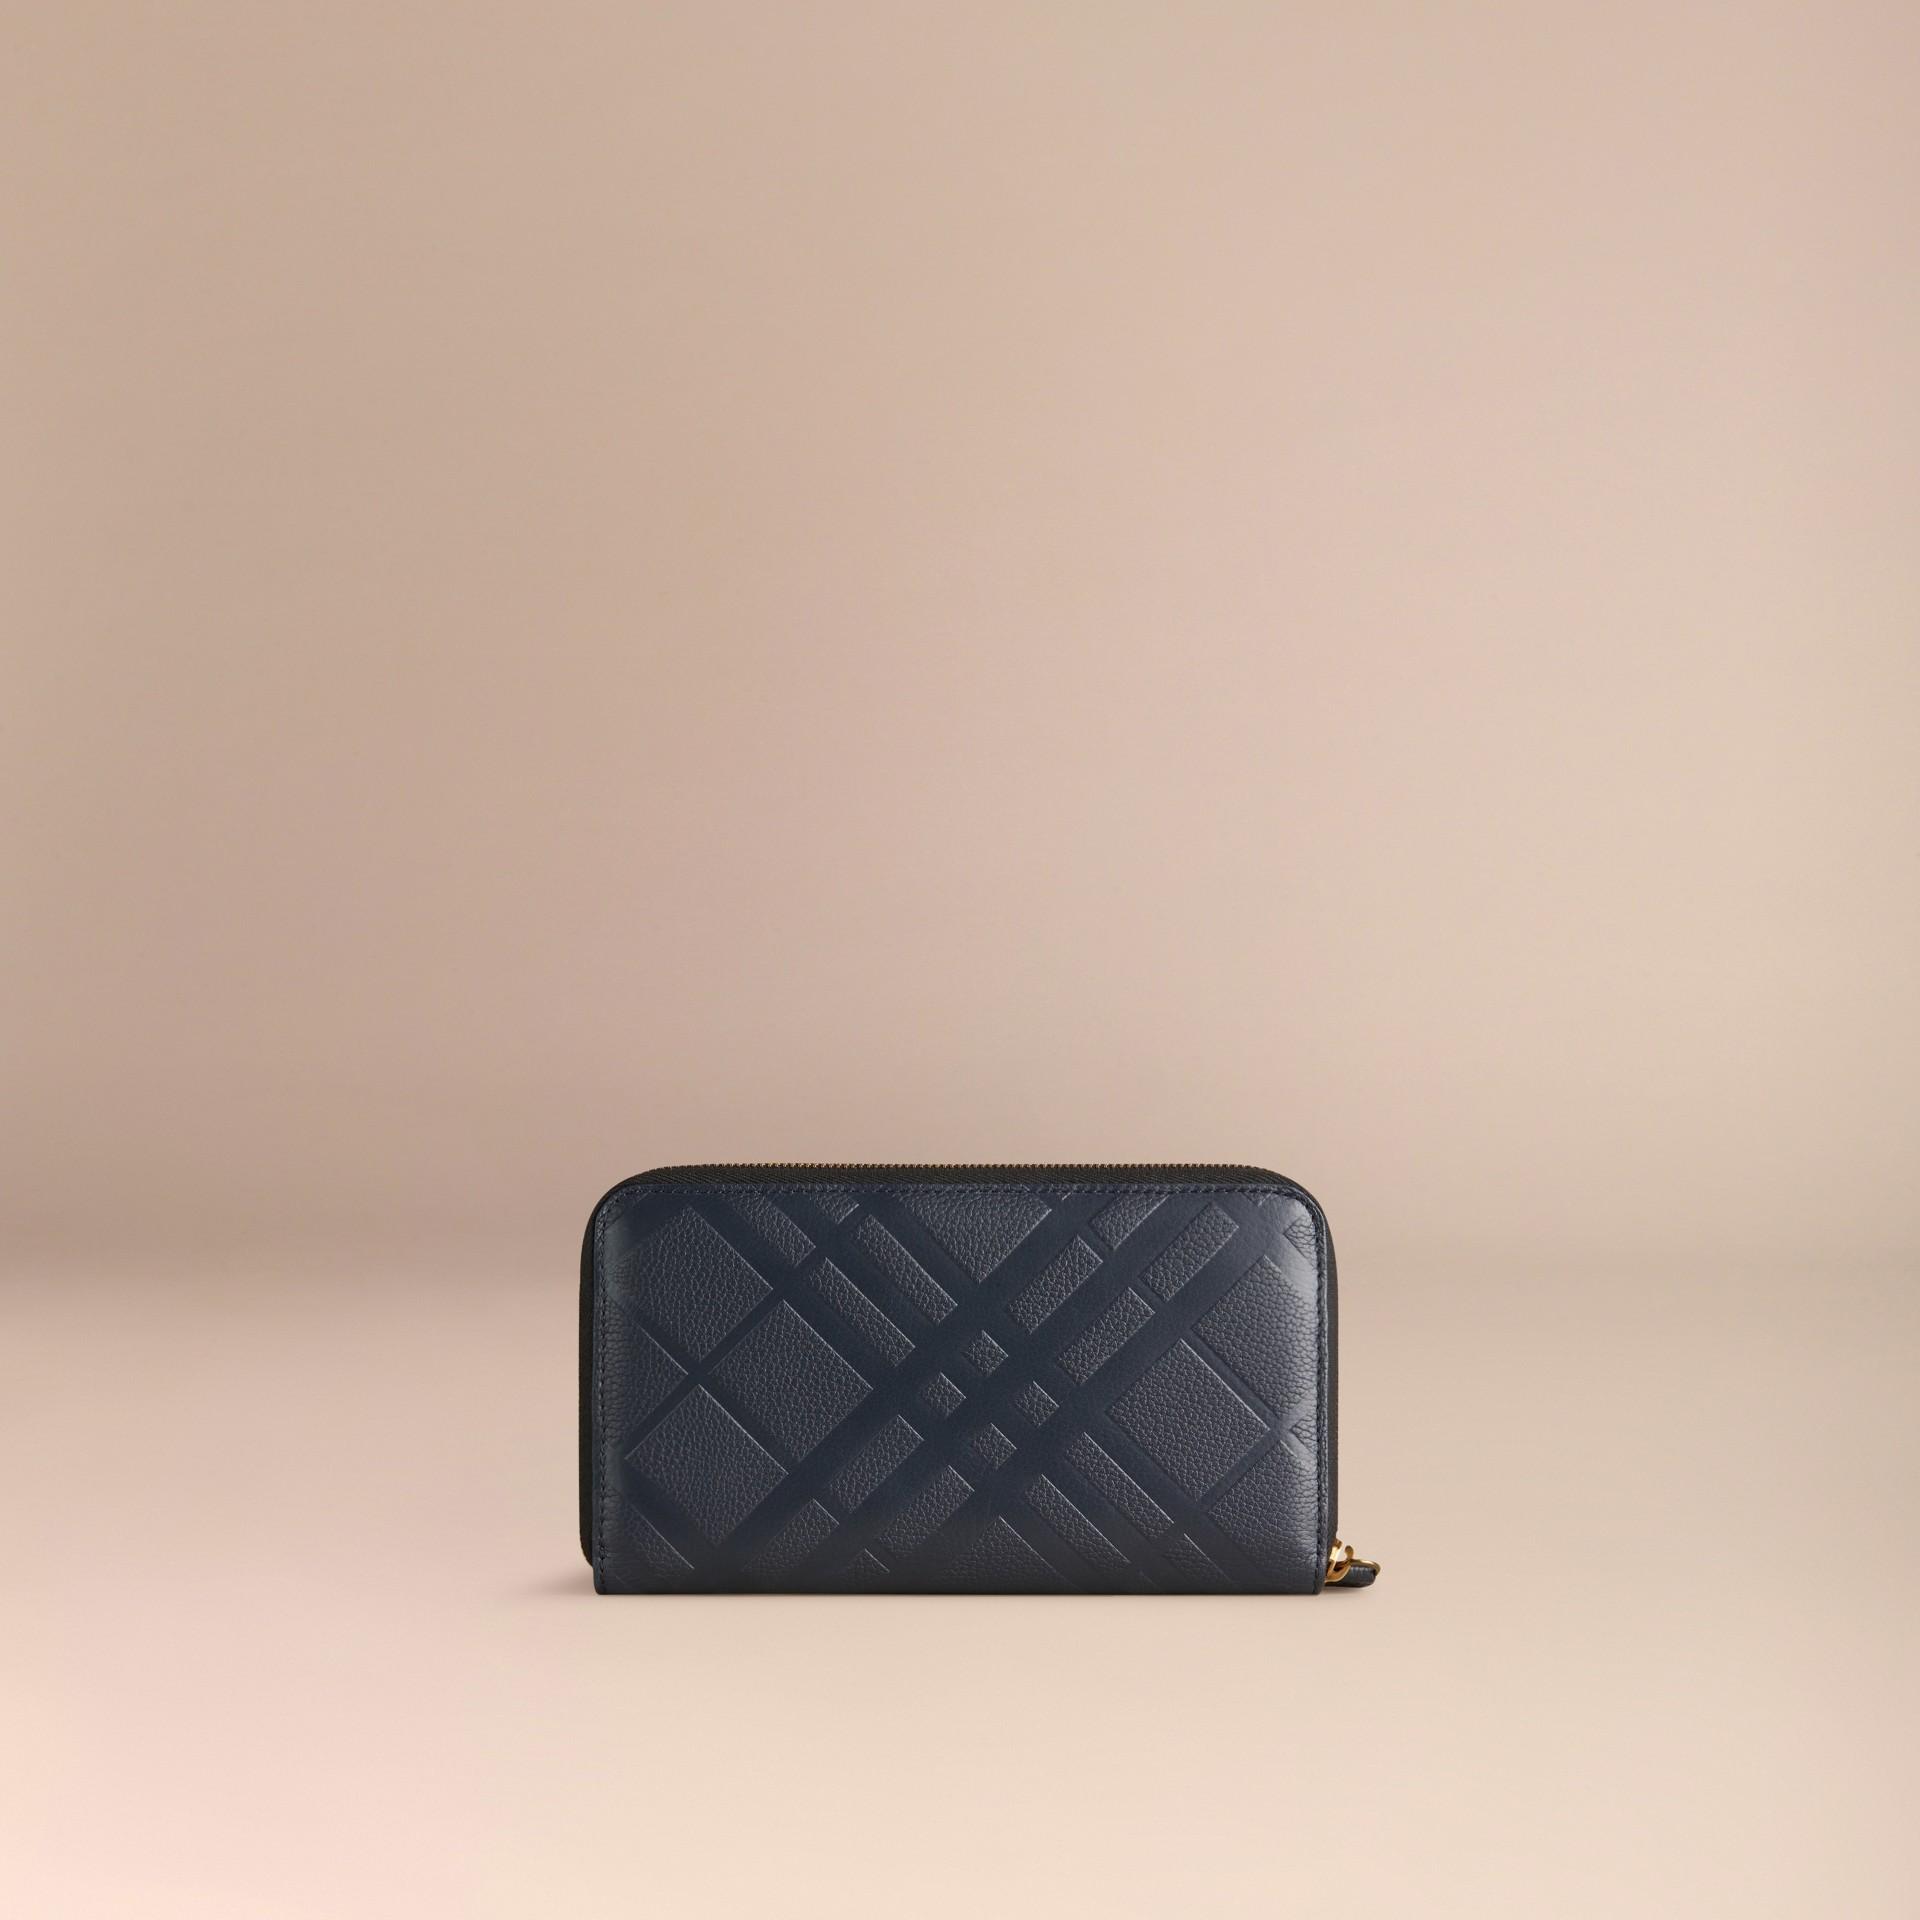 Azul estanho escuro Carteira de couro com zíper em toda a volta e padrão xadrez em relevo Azul Estanho Escuro - galeria de imagens 3